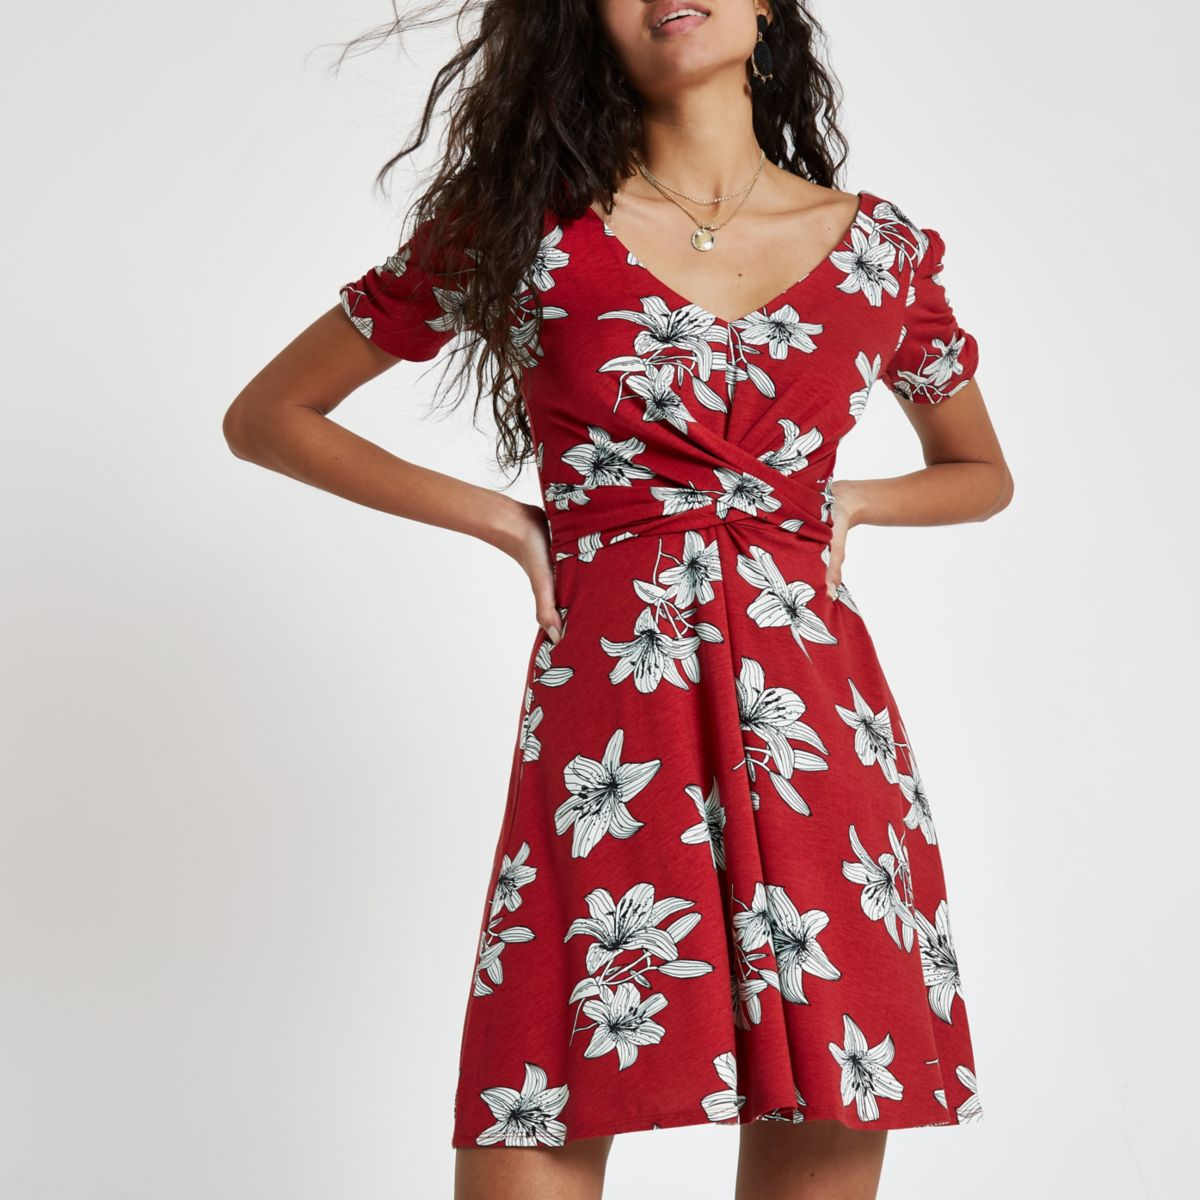 Red floral twist front skater dress